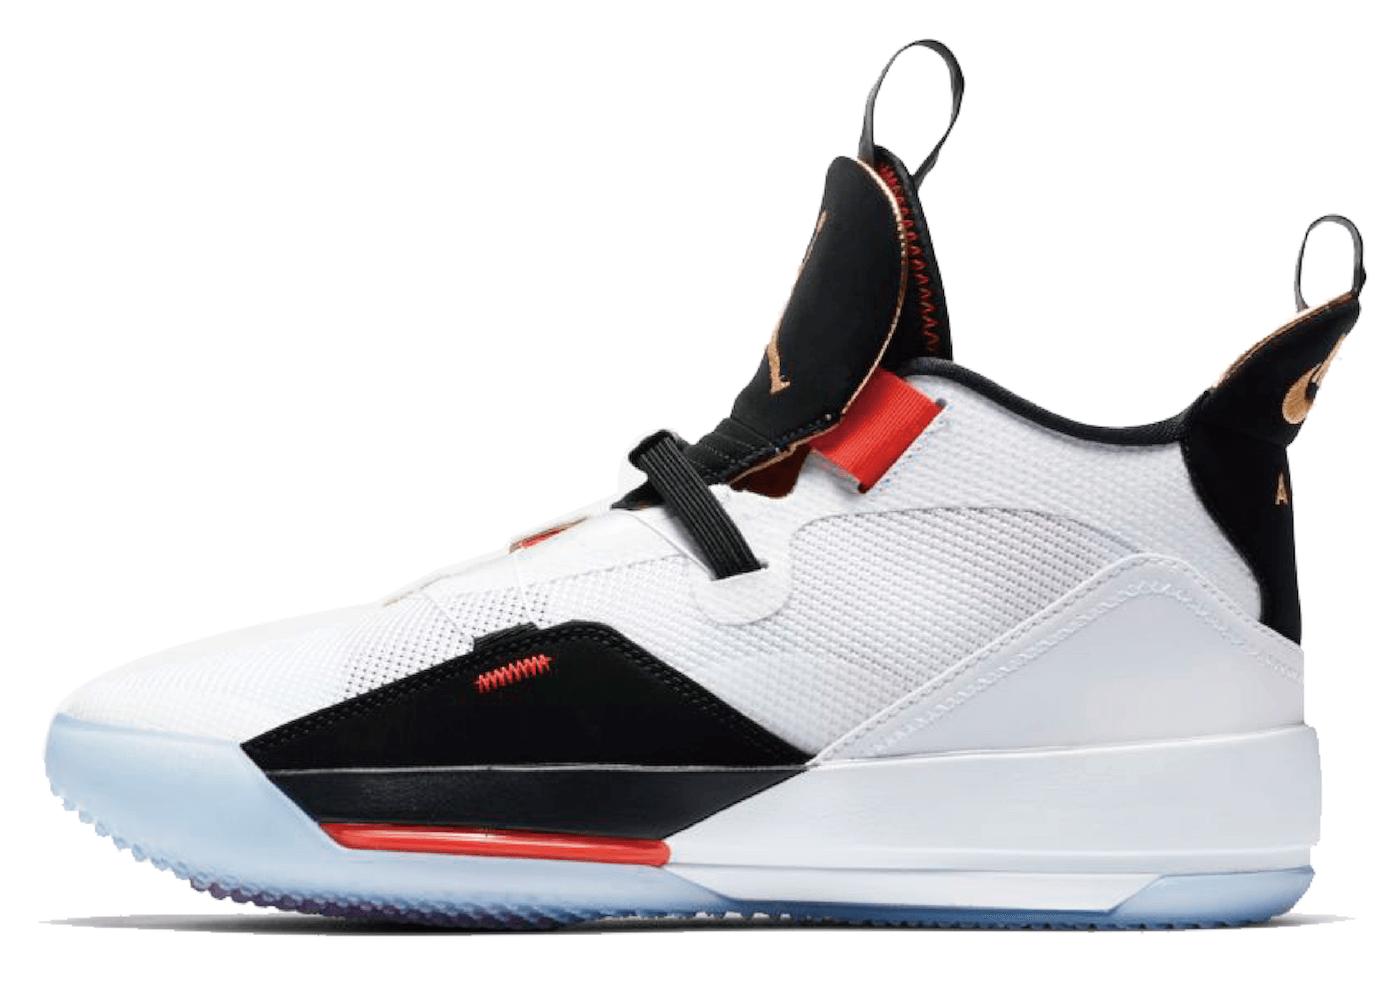 Nike Air Jordan XXXIII Future of Flightの写真